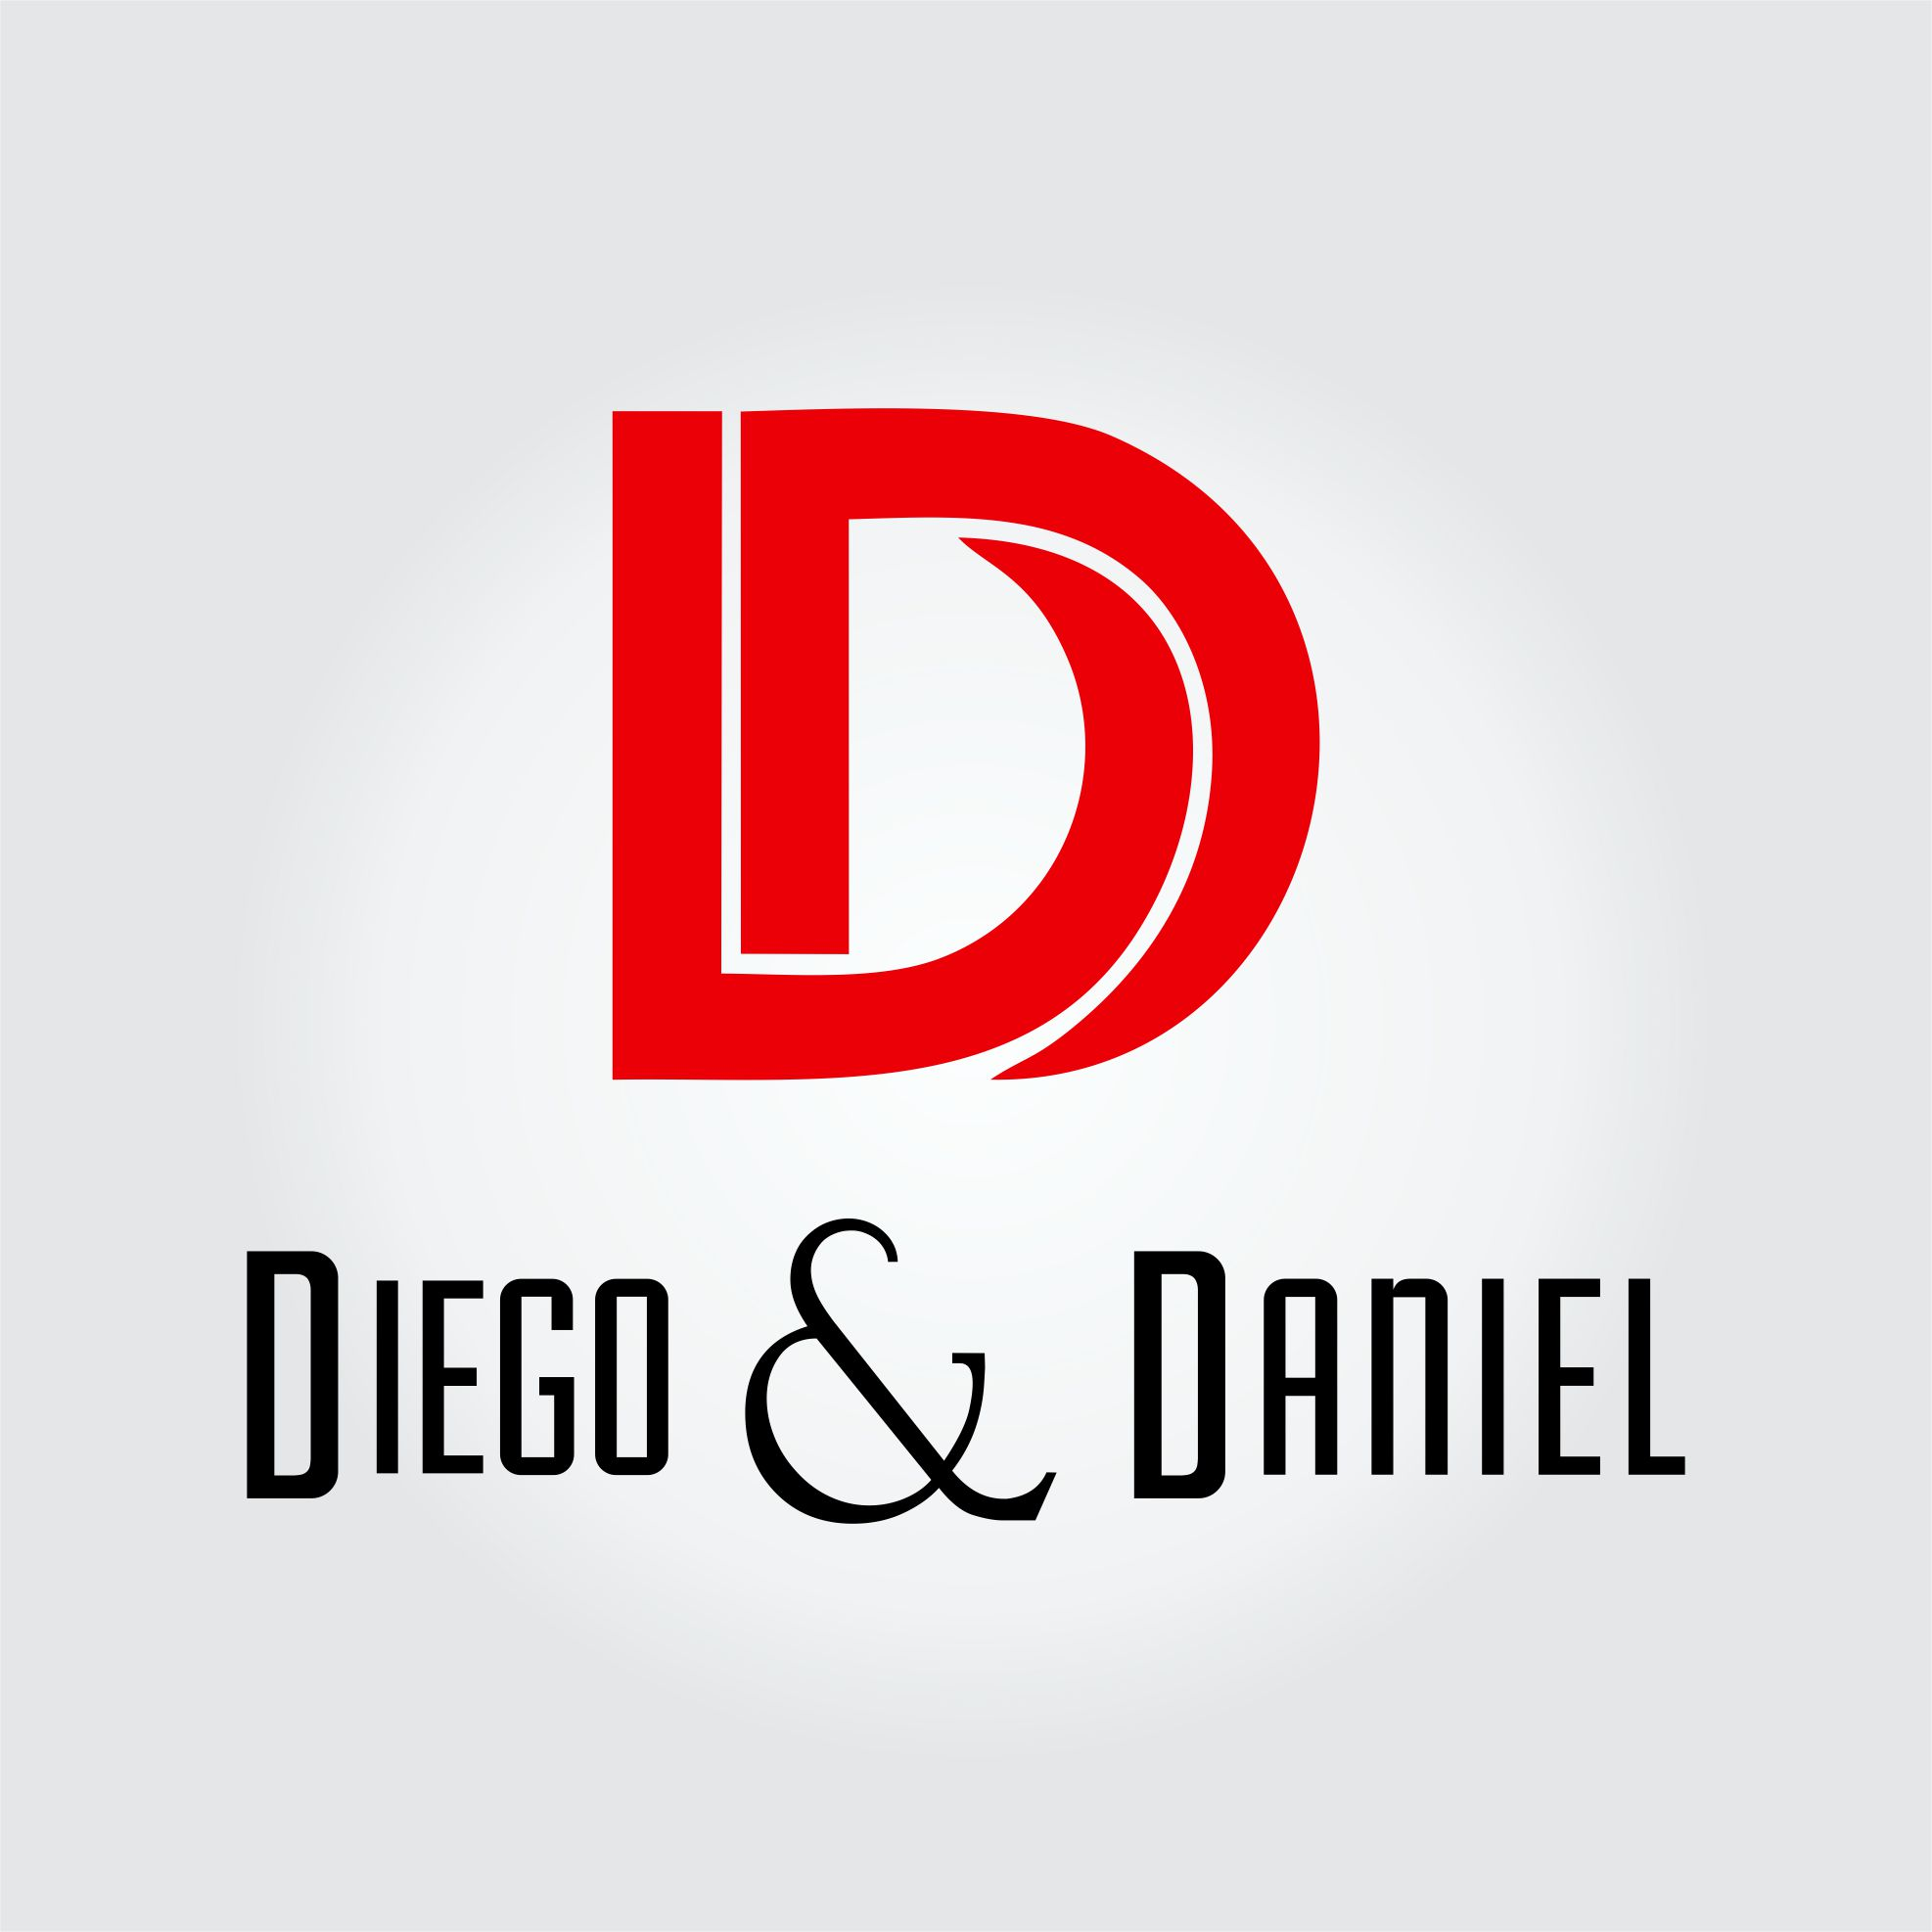 Diego & Daniel